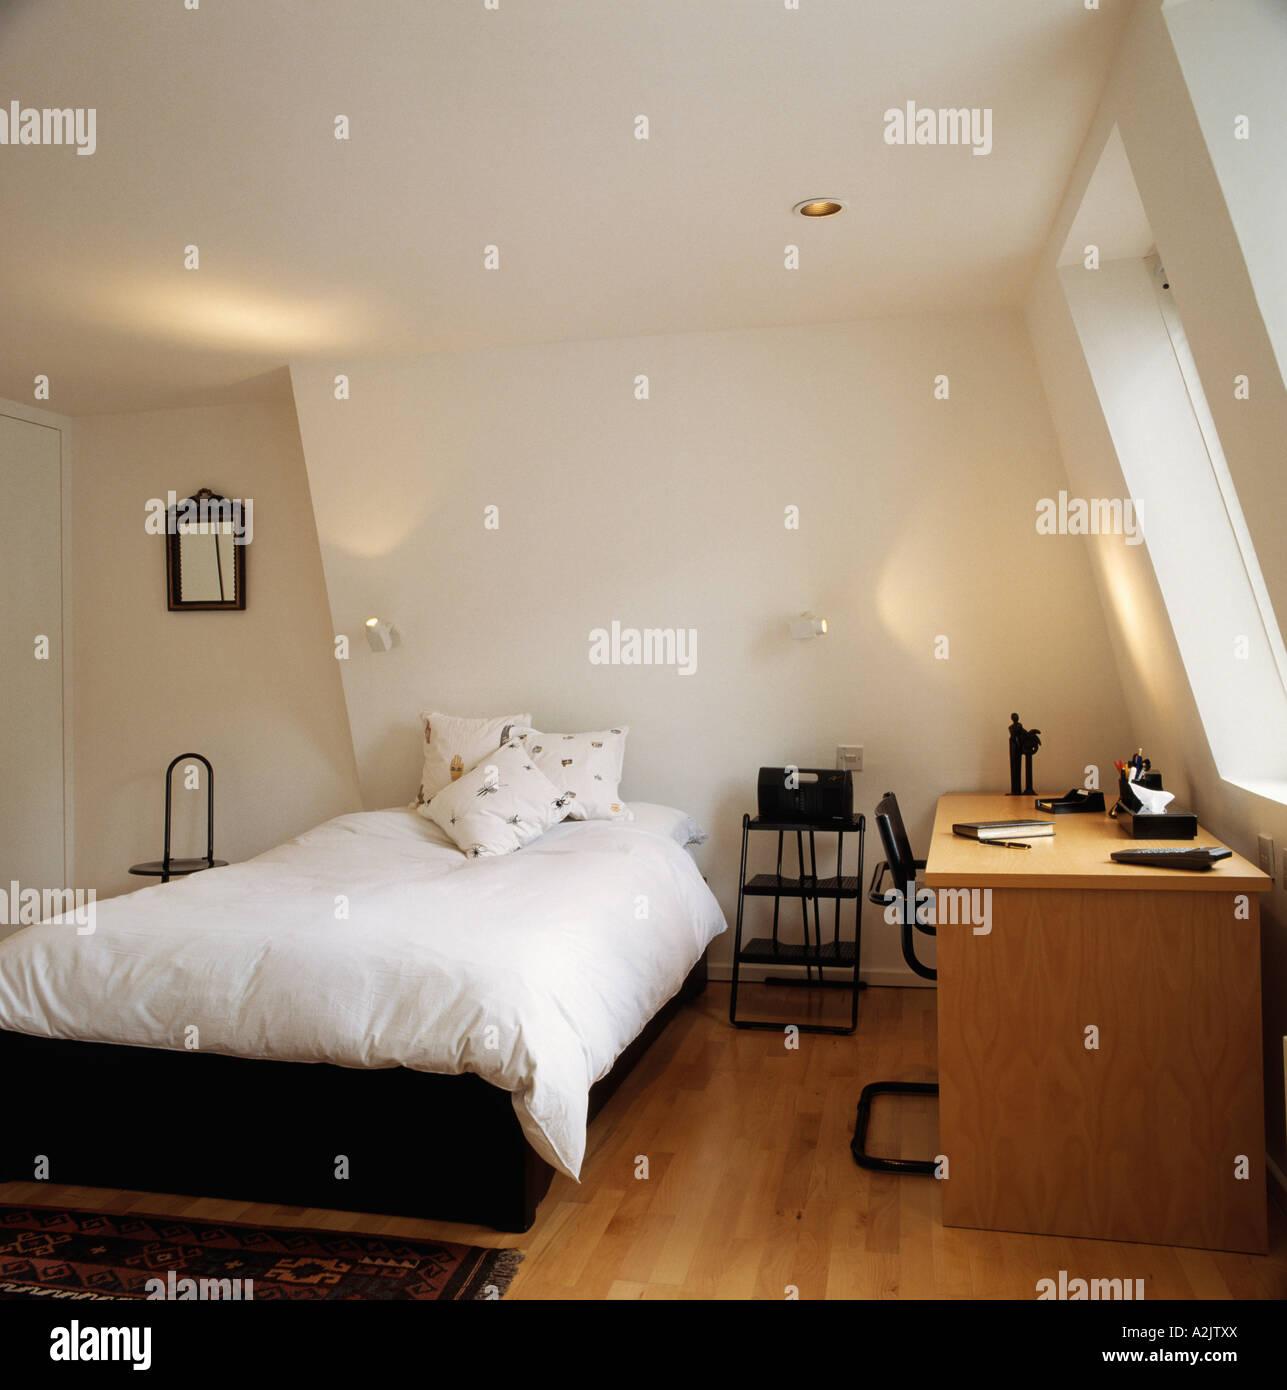 Moderne Weiße Dachgeschoss Schlafzimmer Mit Schreibtisch Und Holzboden